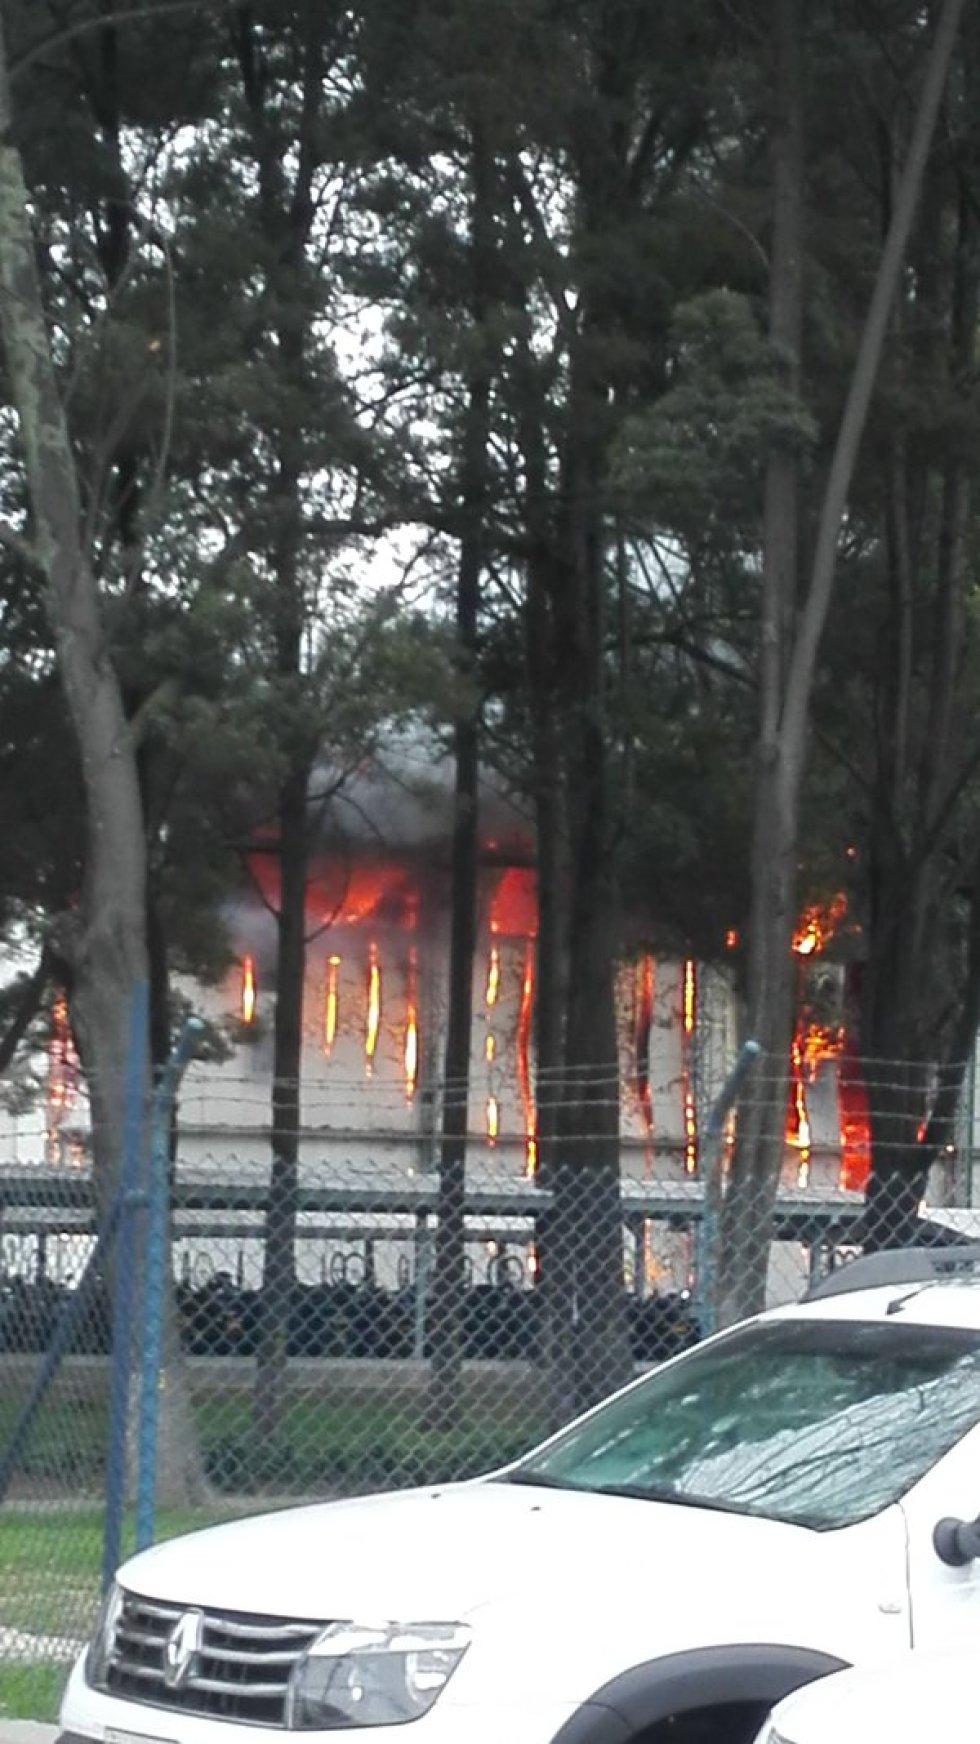 Fotografías compartidas en redes sociales dejan ver la magnitud de las llamas que consumieron la fabrica de embutidos